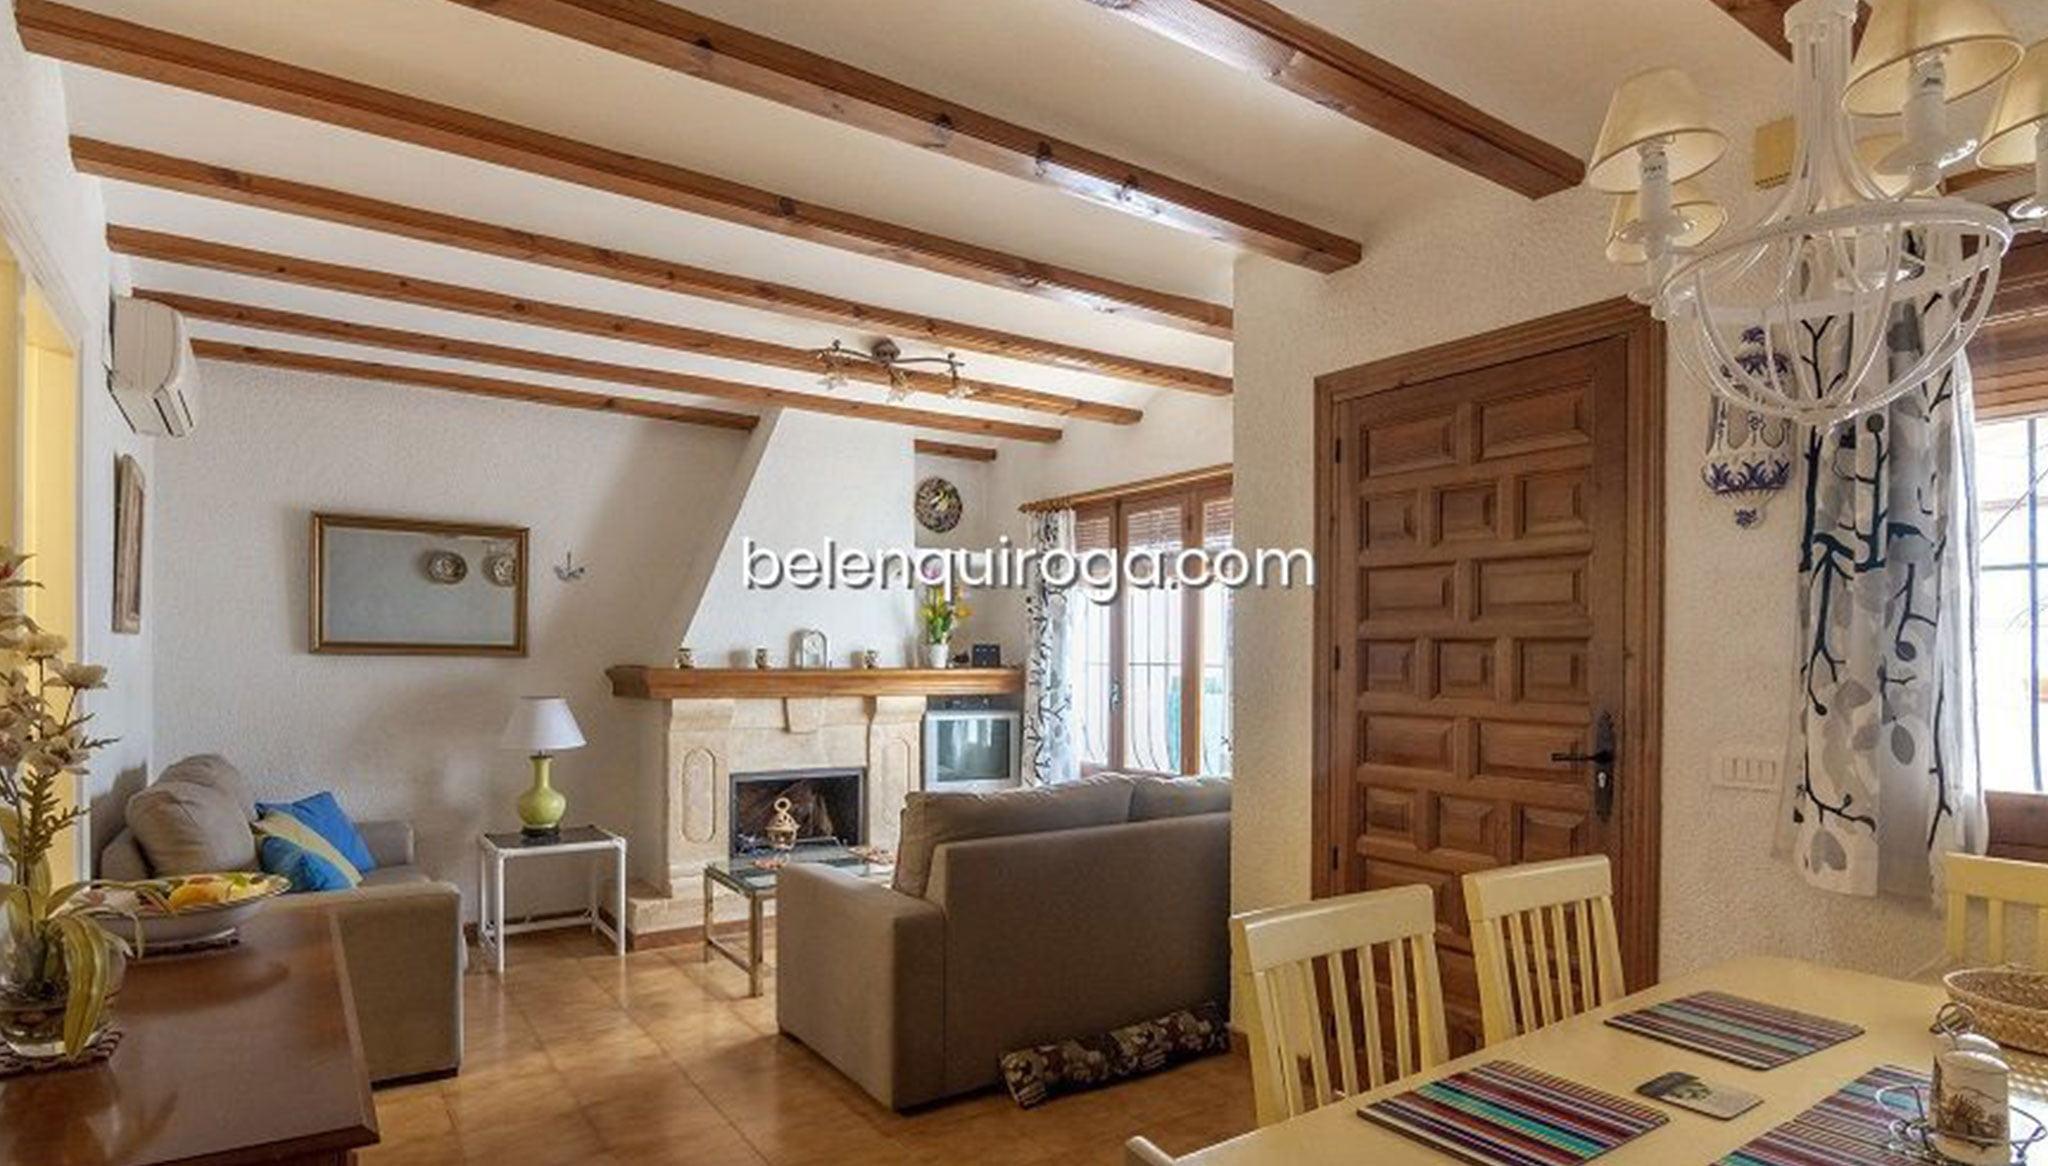 Salón de un bungalow en venta en Jávea – Inmobiliaria Belen Quiroga